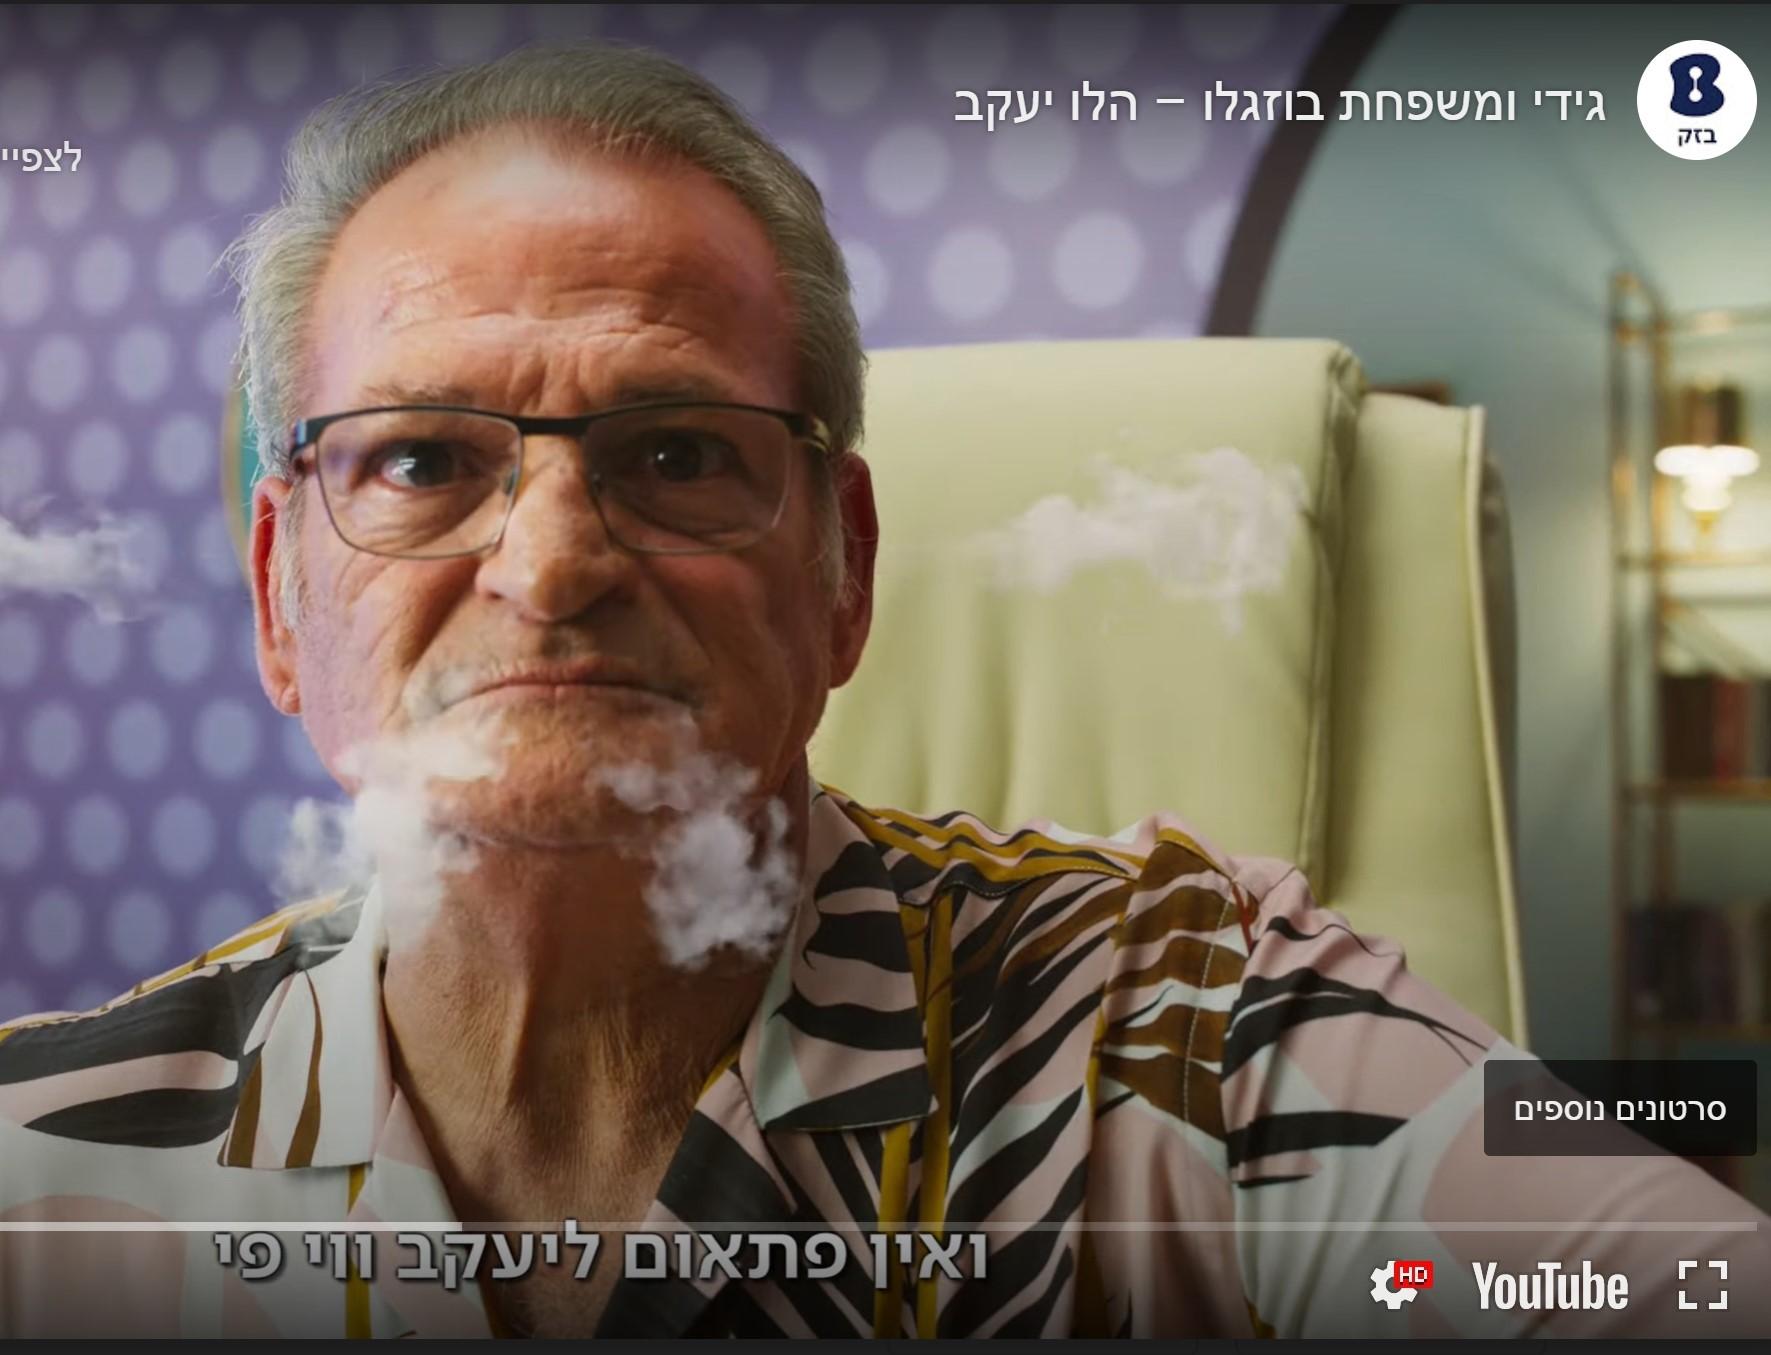 יעקב בוזגלו מעשן